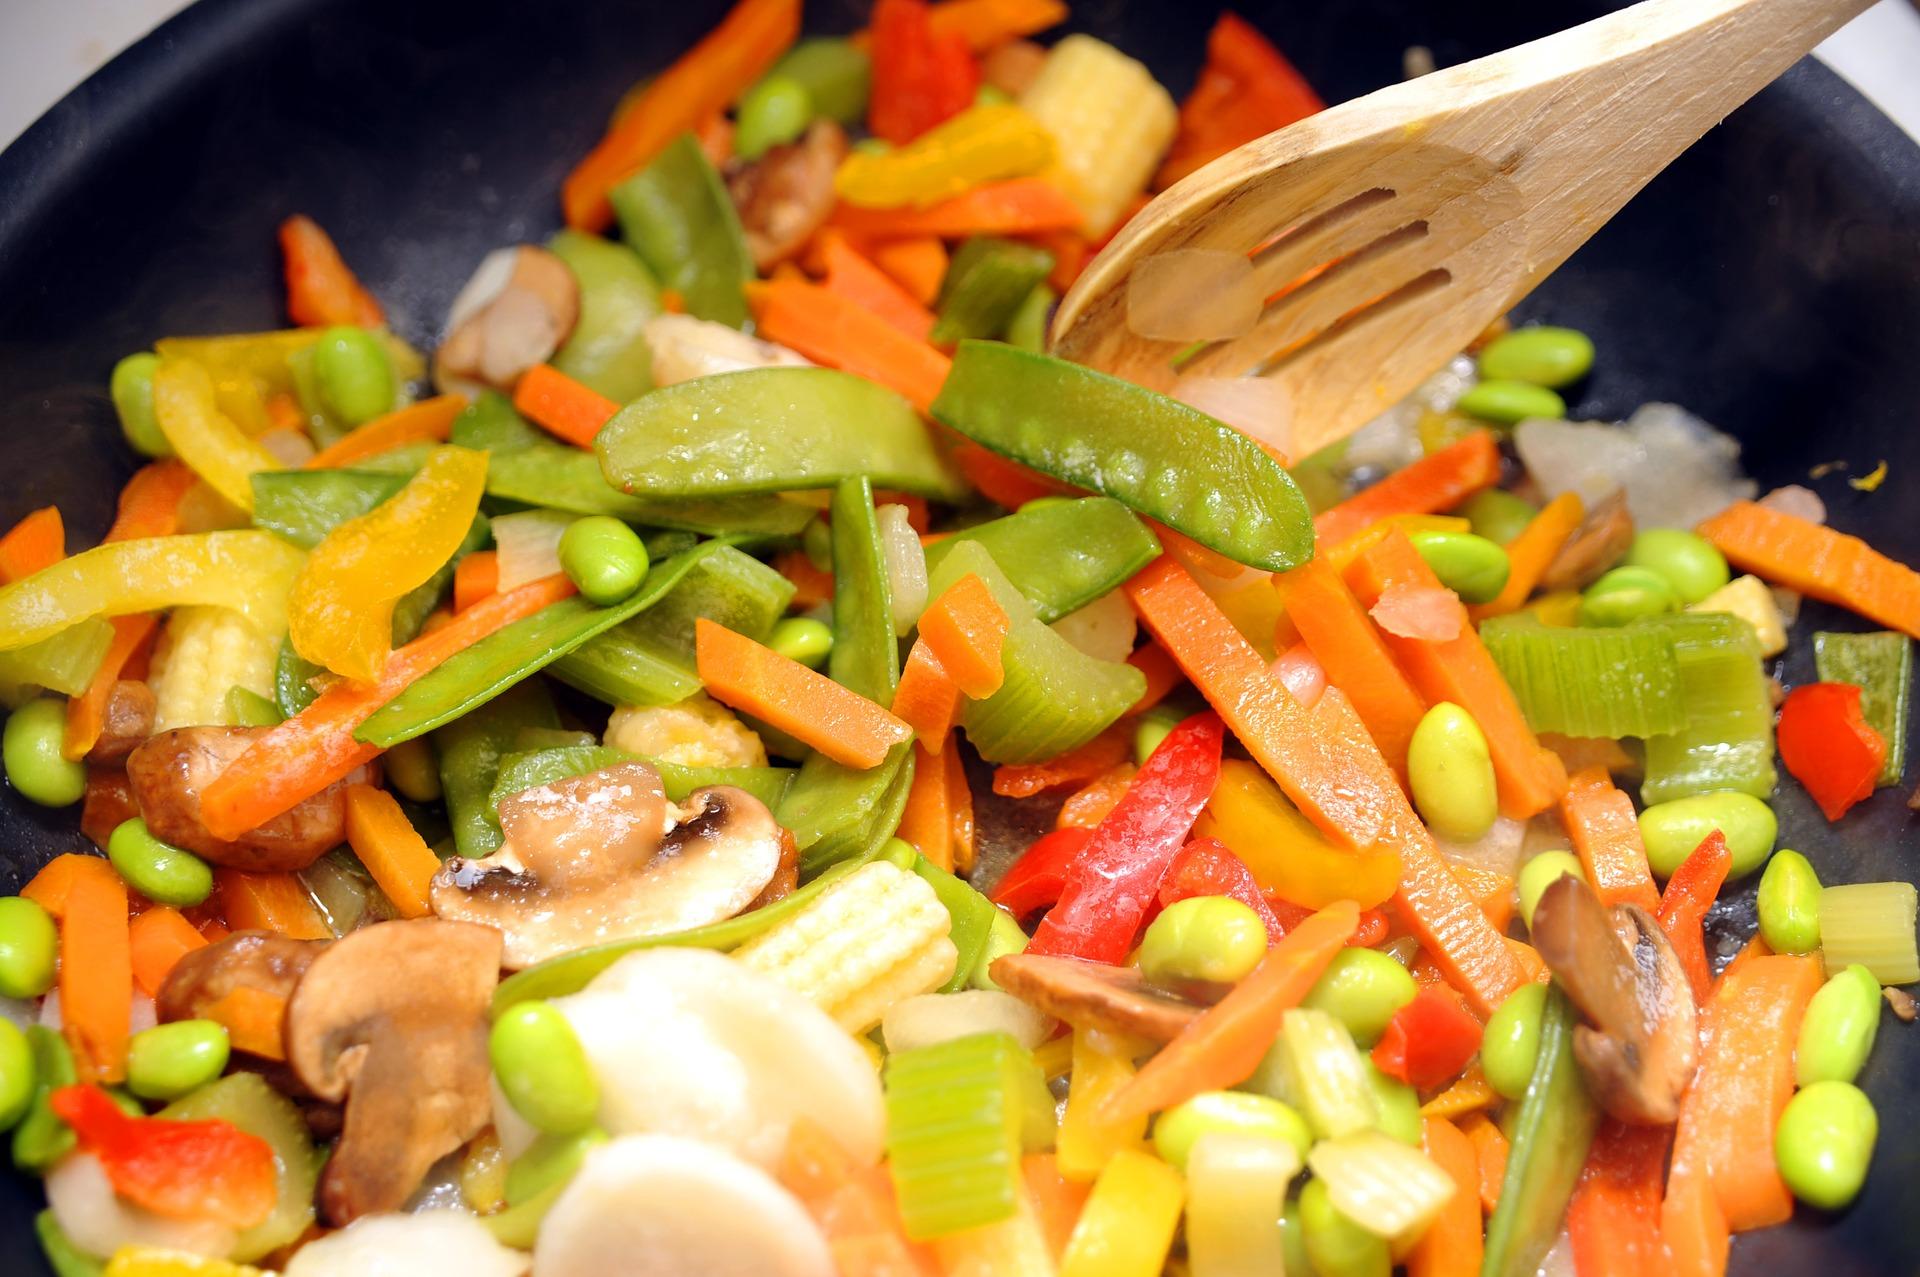 Veggie stir fty